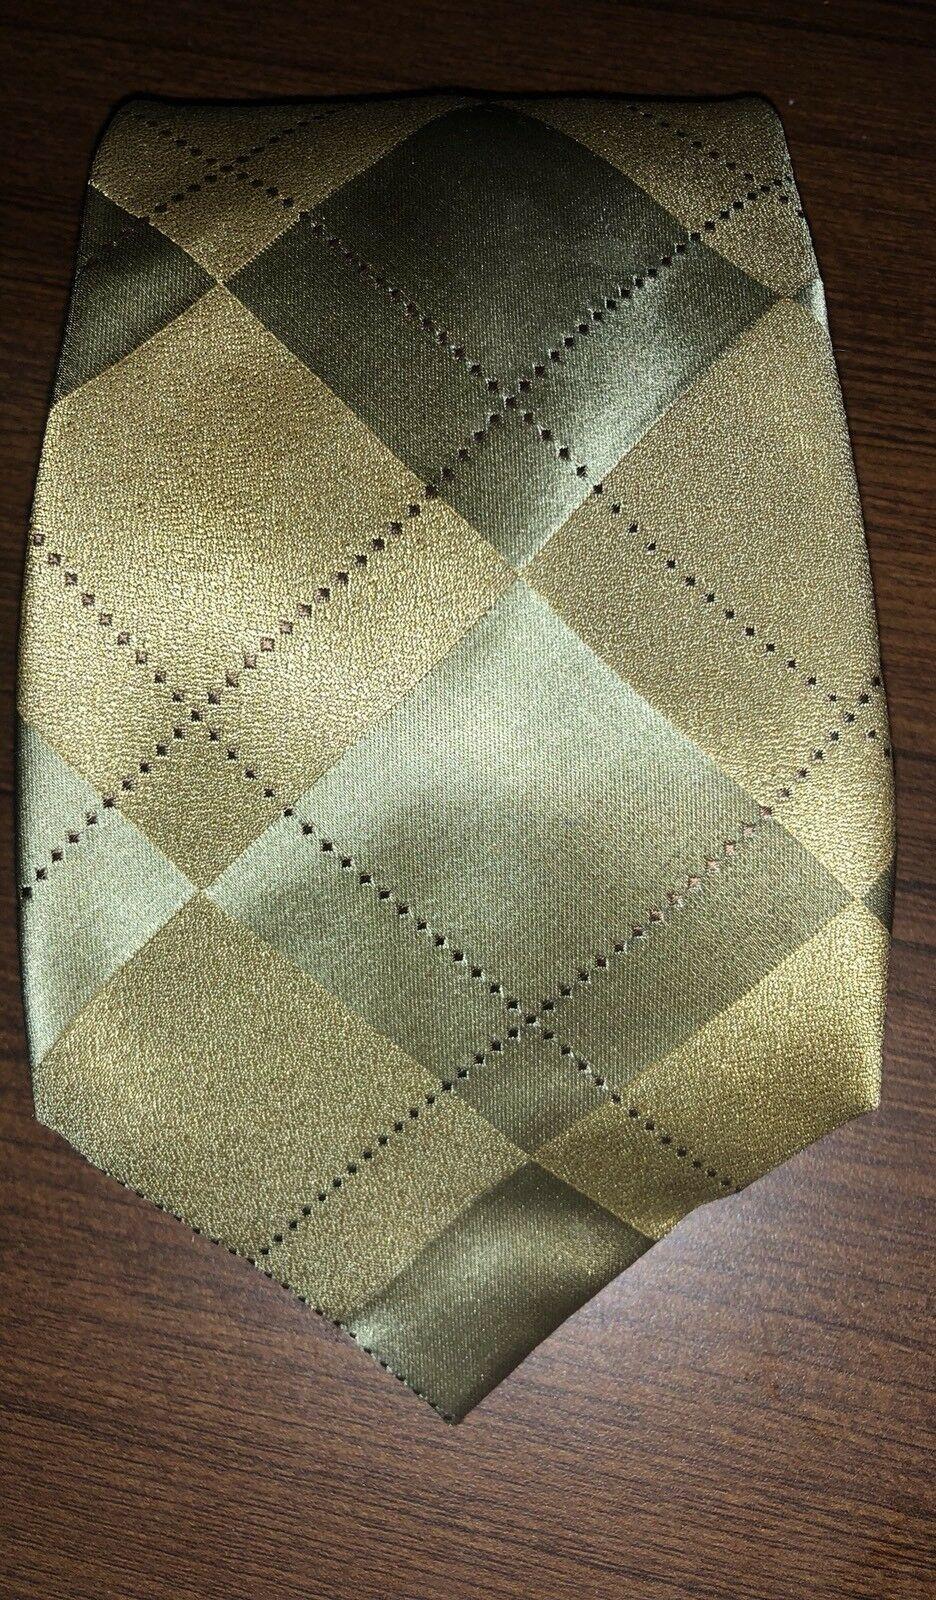 Kenneth Cole Gold Diamond Print Handsome Silk Necktie Tie Handmade